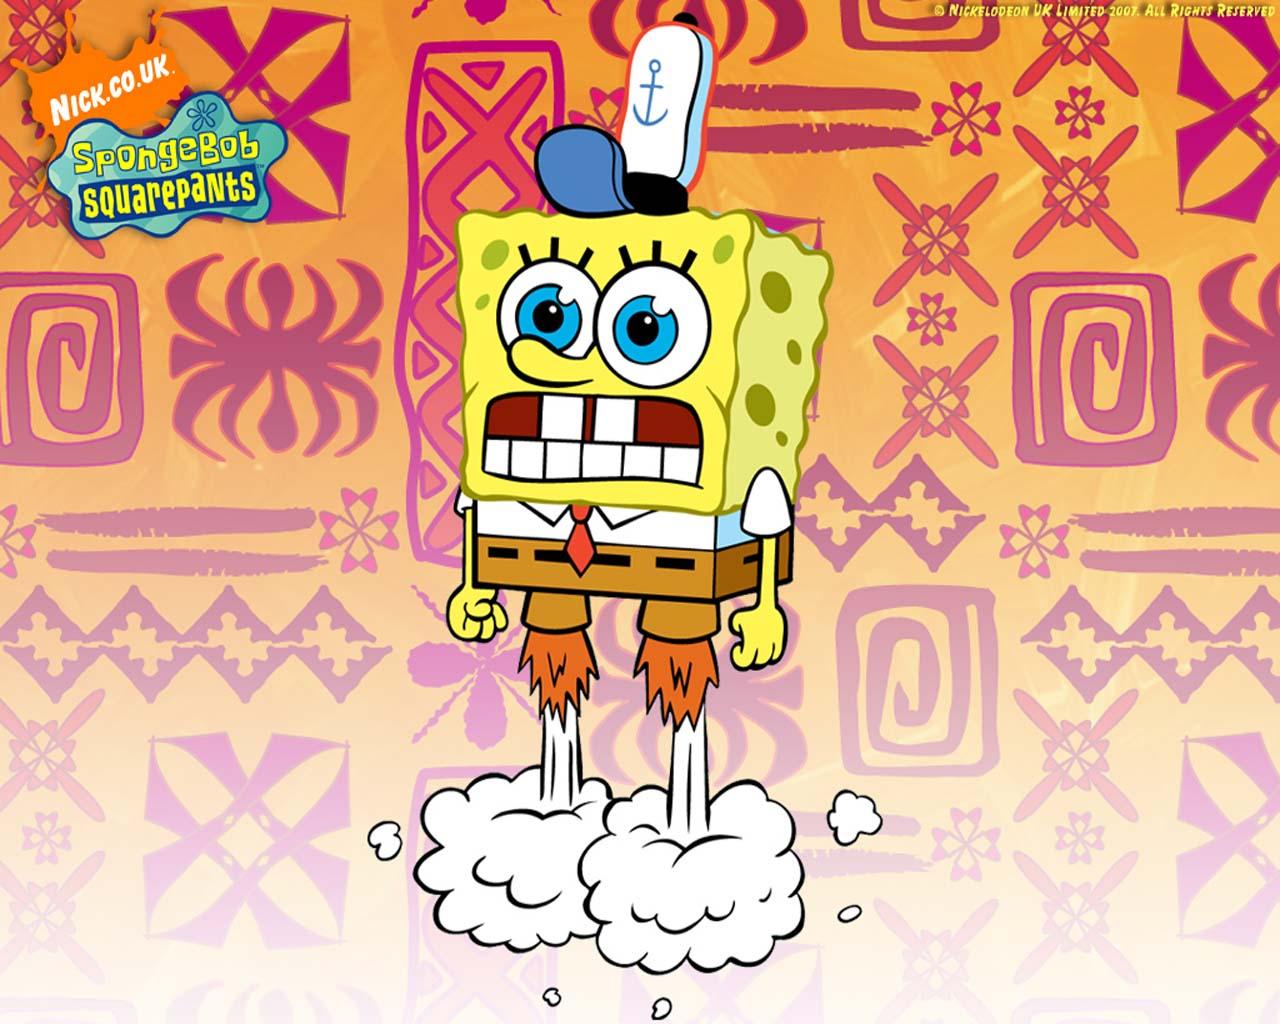 19 Wallpaper Spongebob Squarepants Deloiz Wallpaper